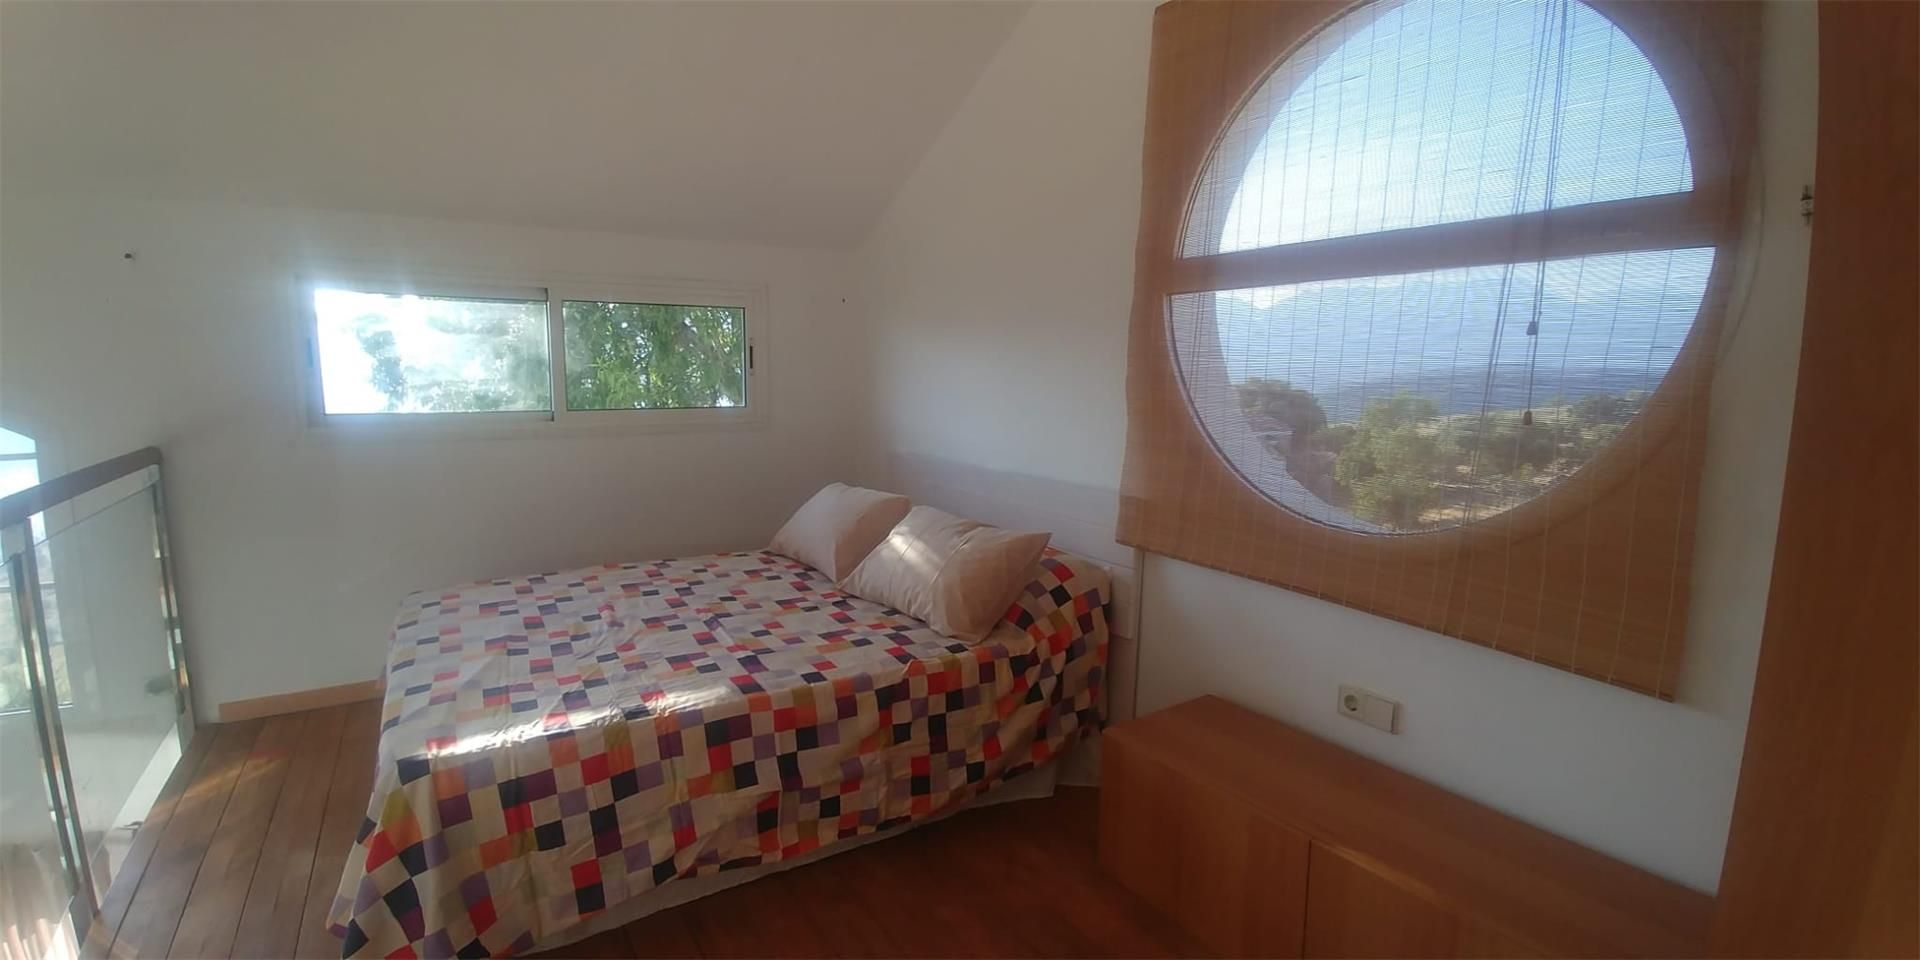 Finca rústica de alquiler en A-369, Algatocín (Ronda, Málaga)